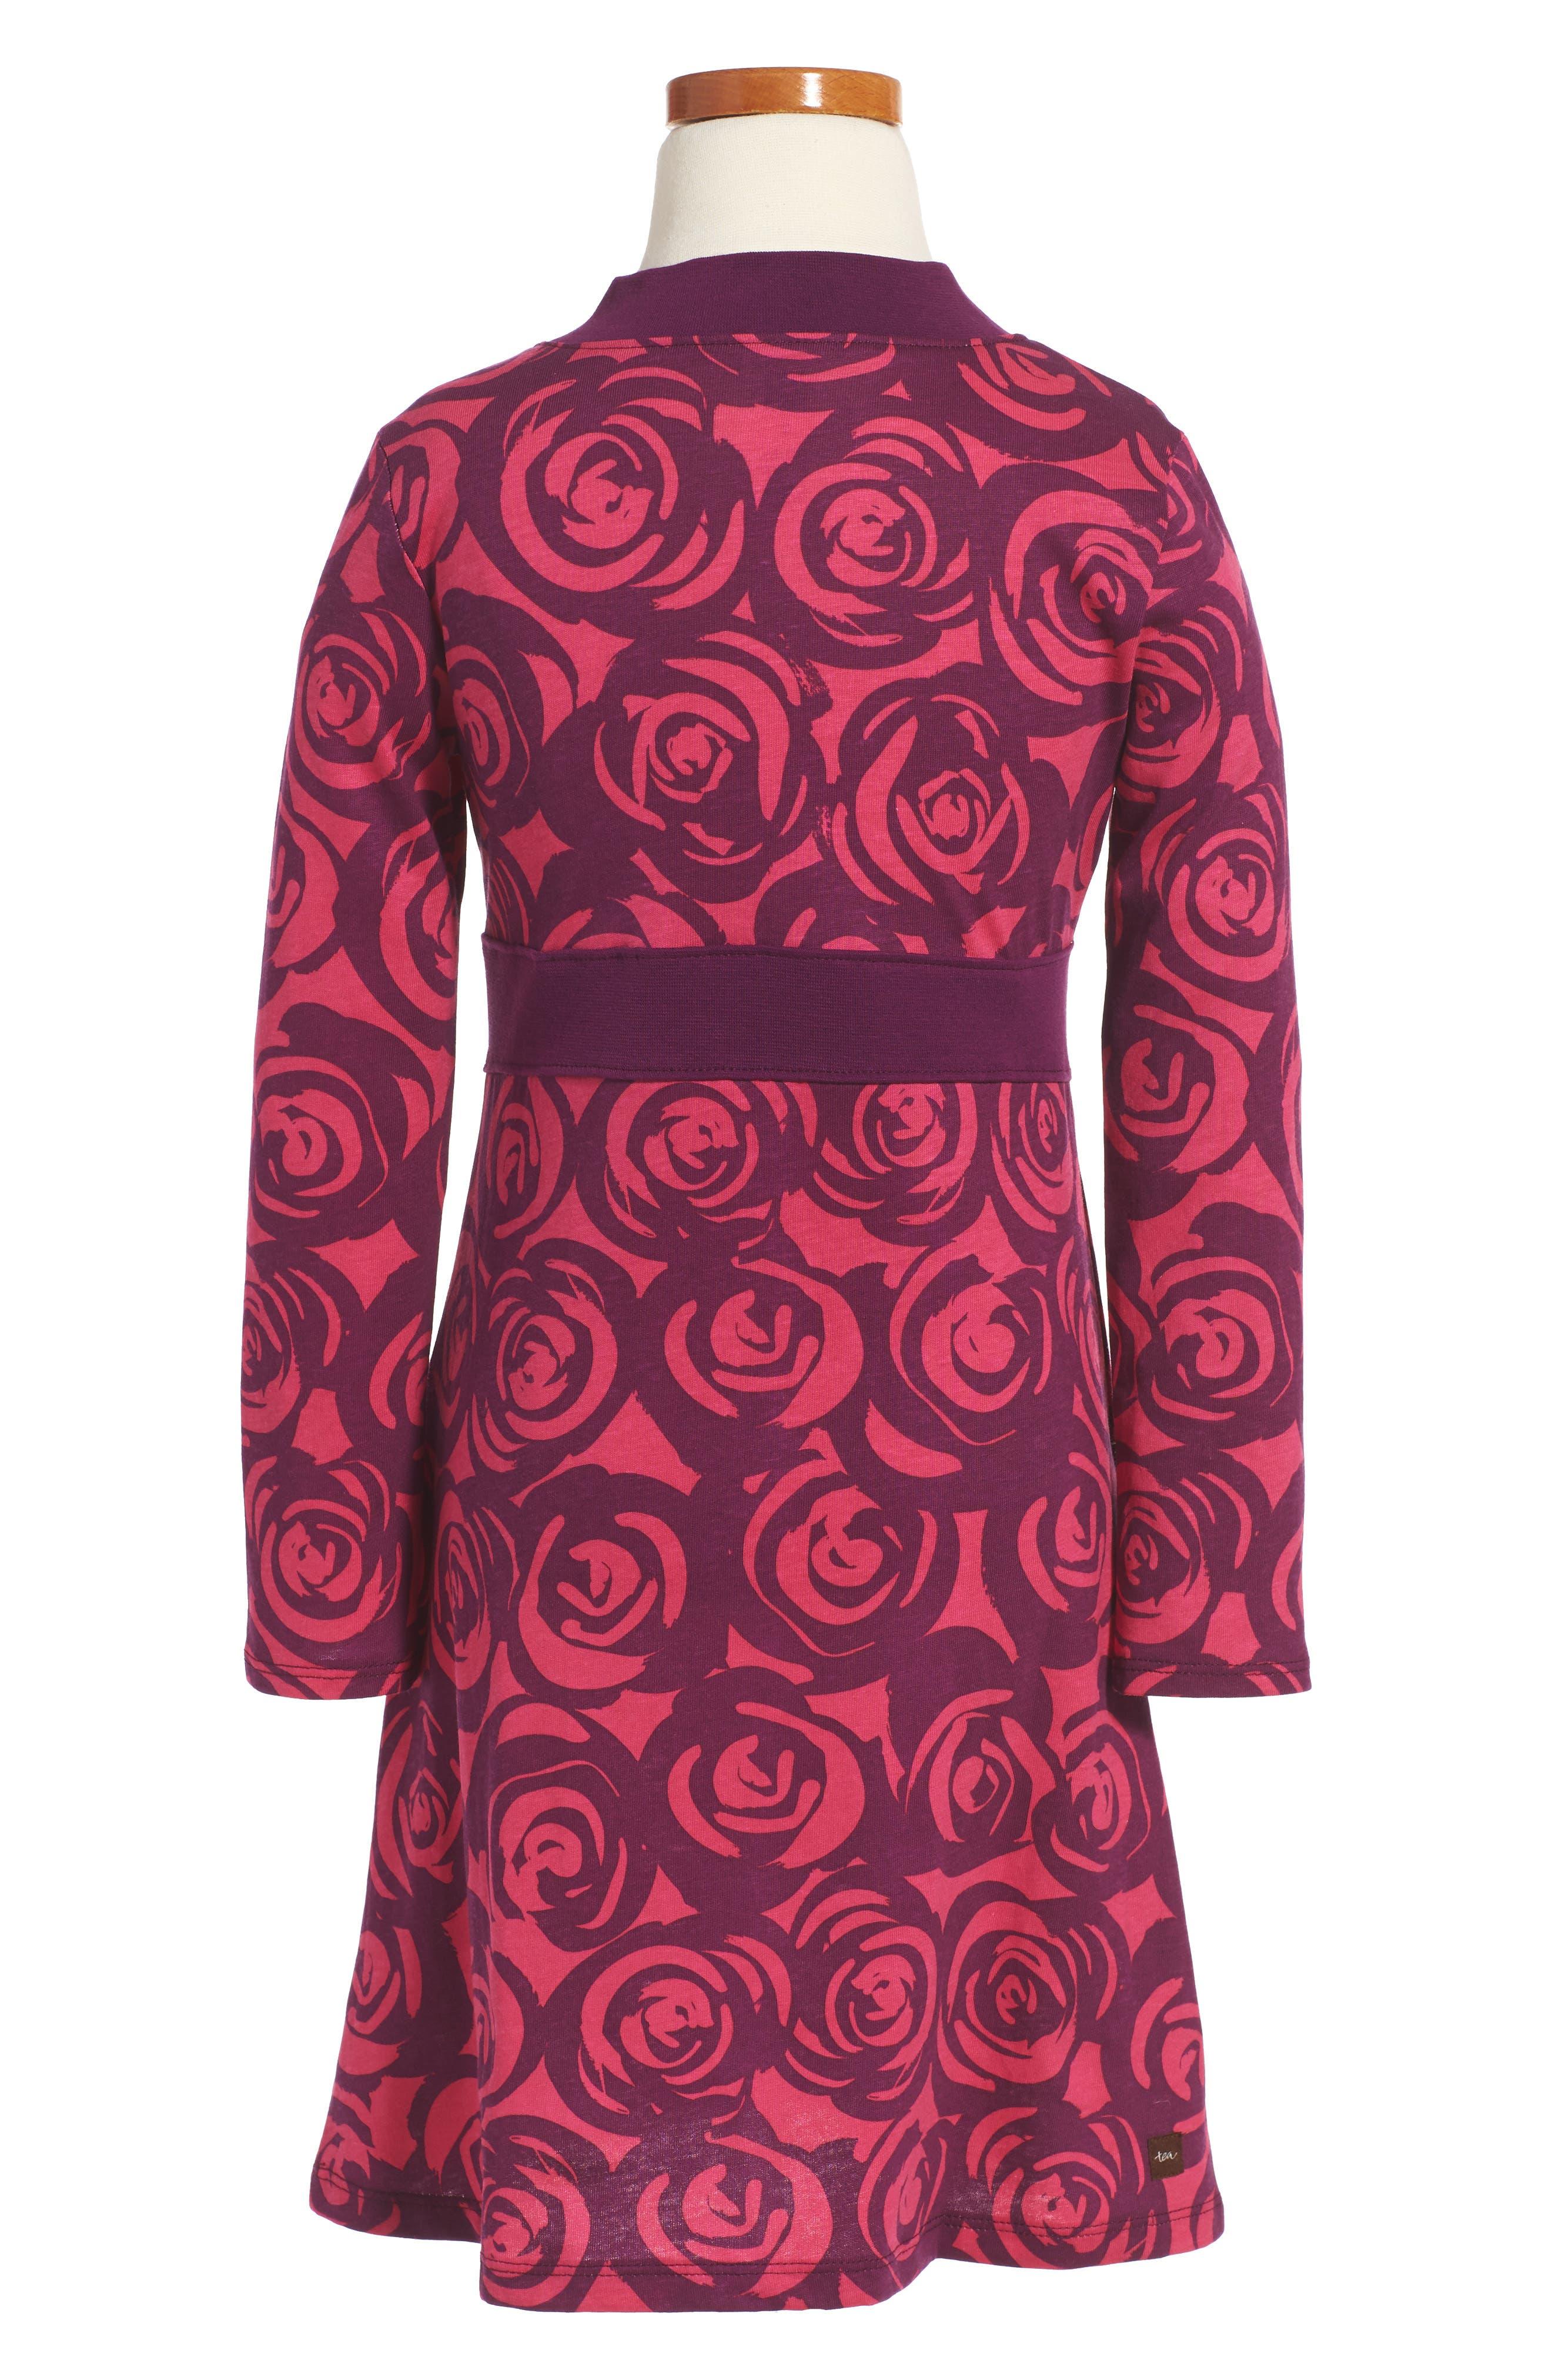 Rennie Rose Wrap Neck Dress,                             Alternate thumbnail 2, color,                             651